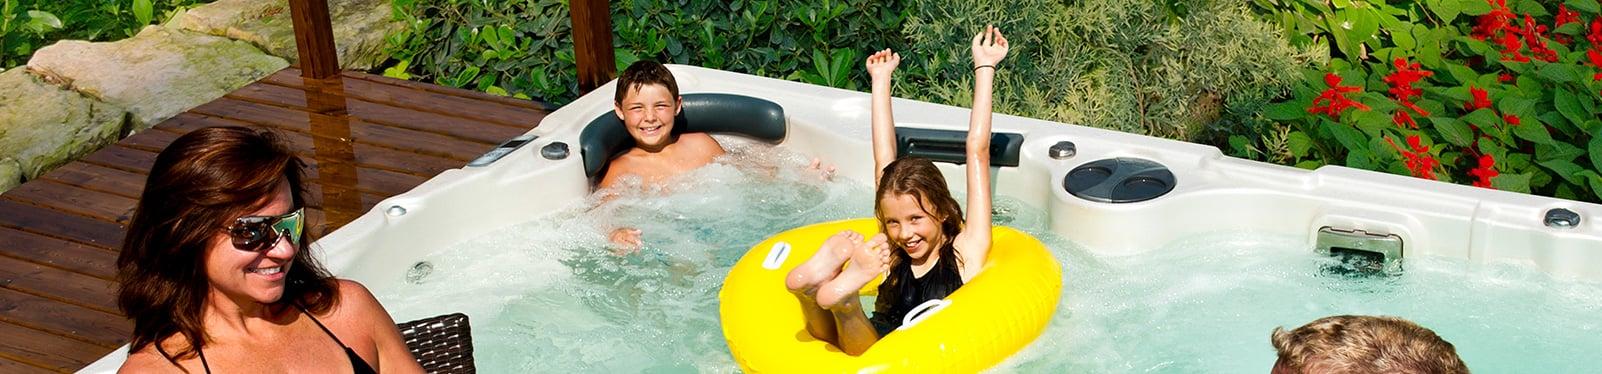 swim-spa-header-4